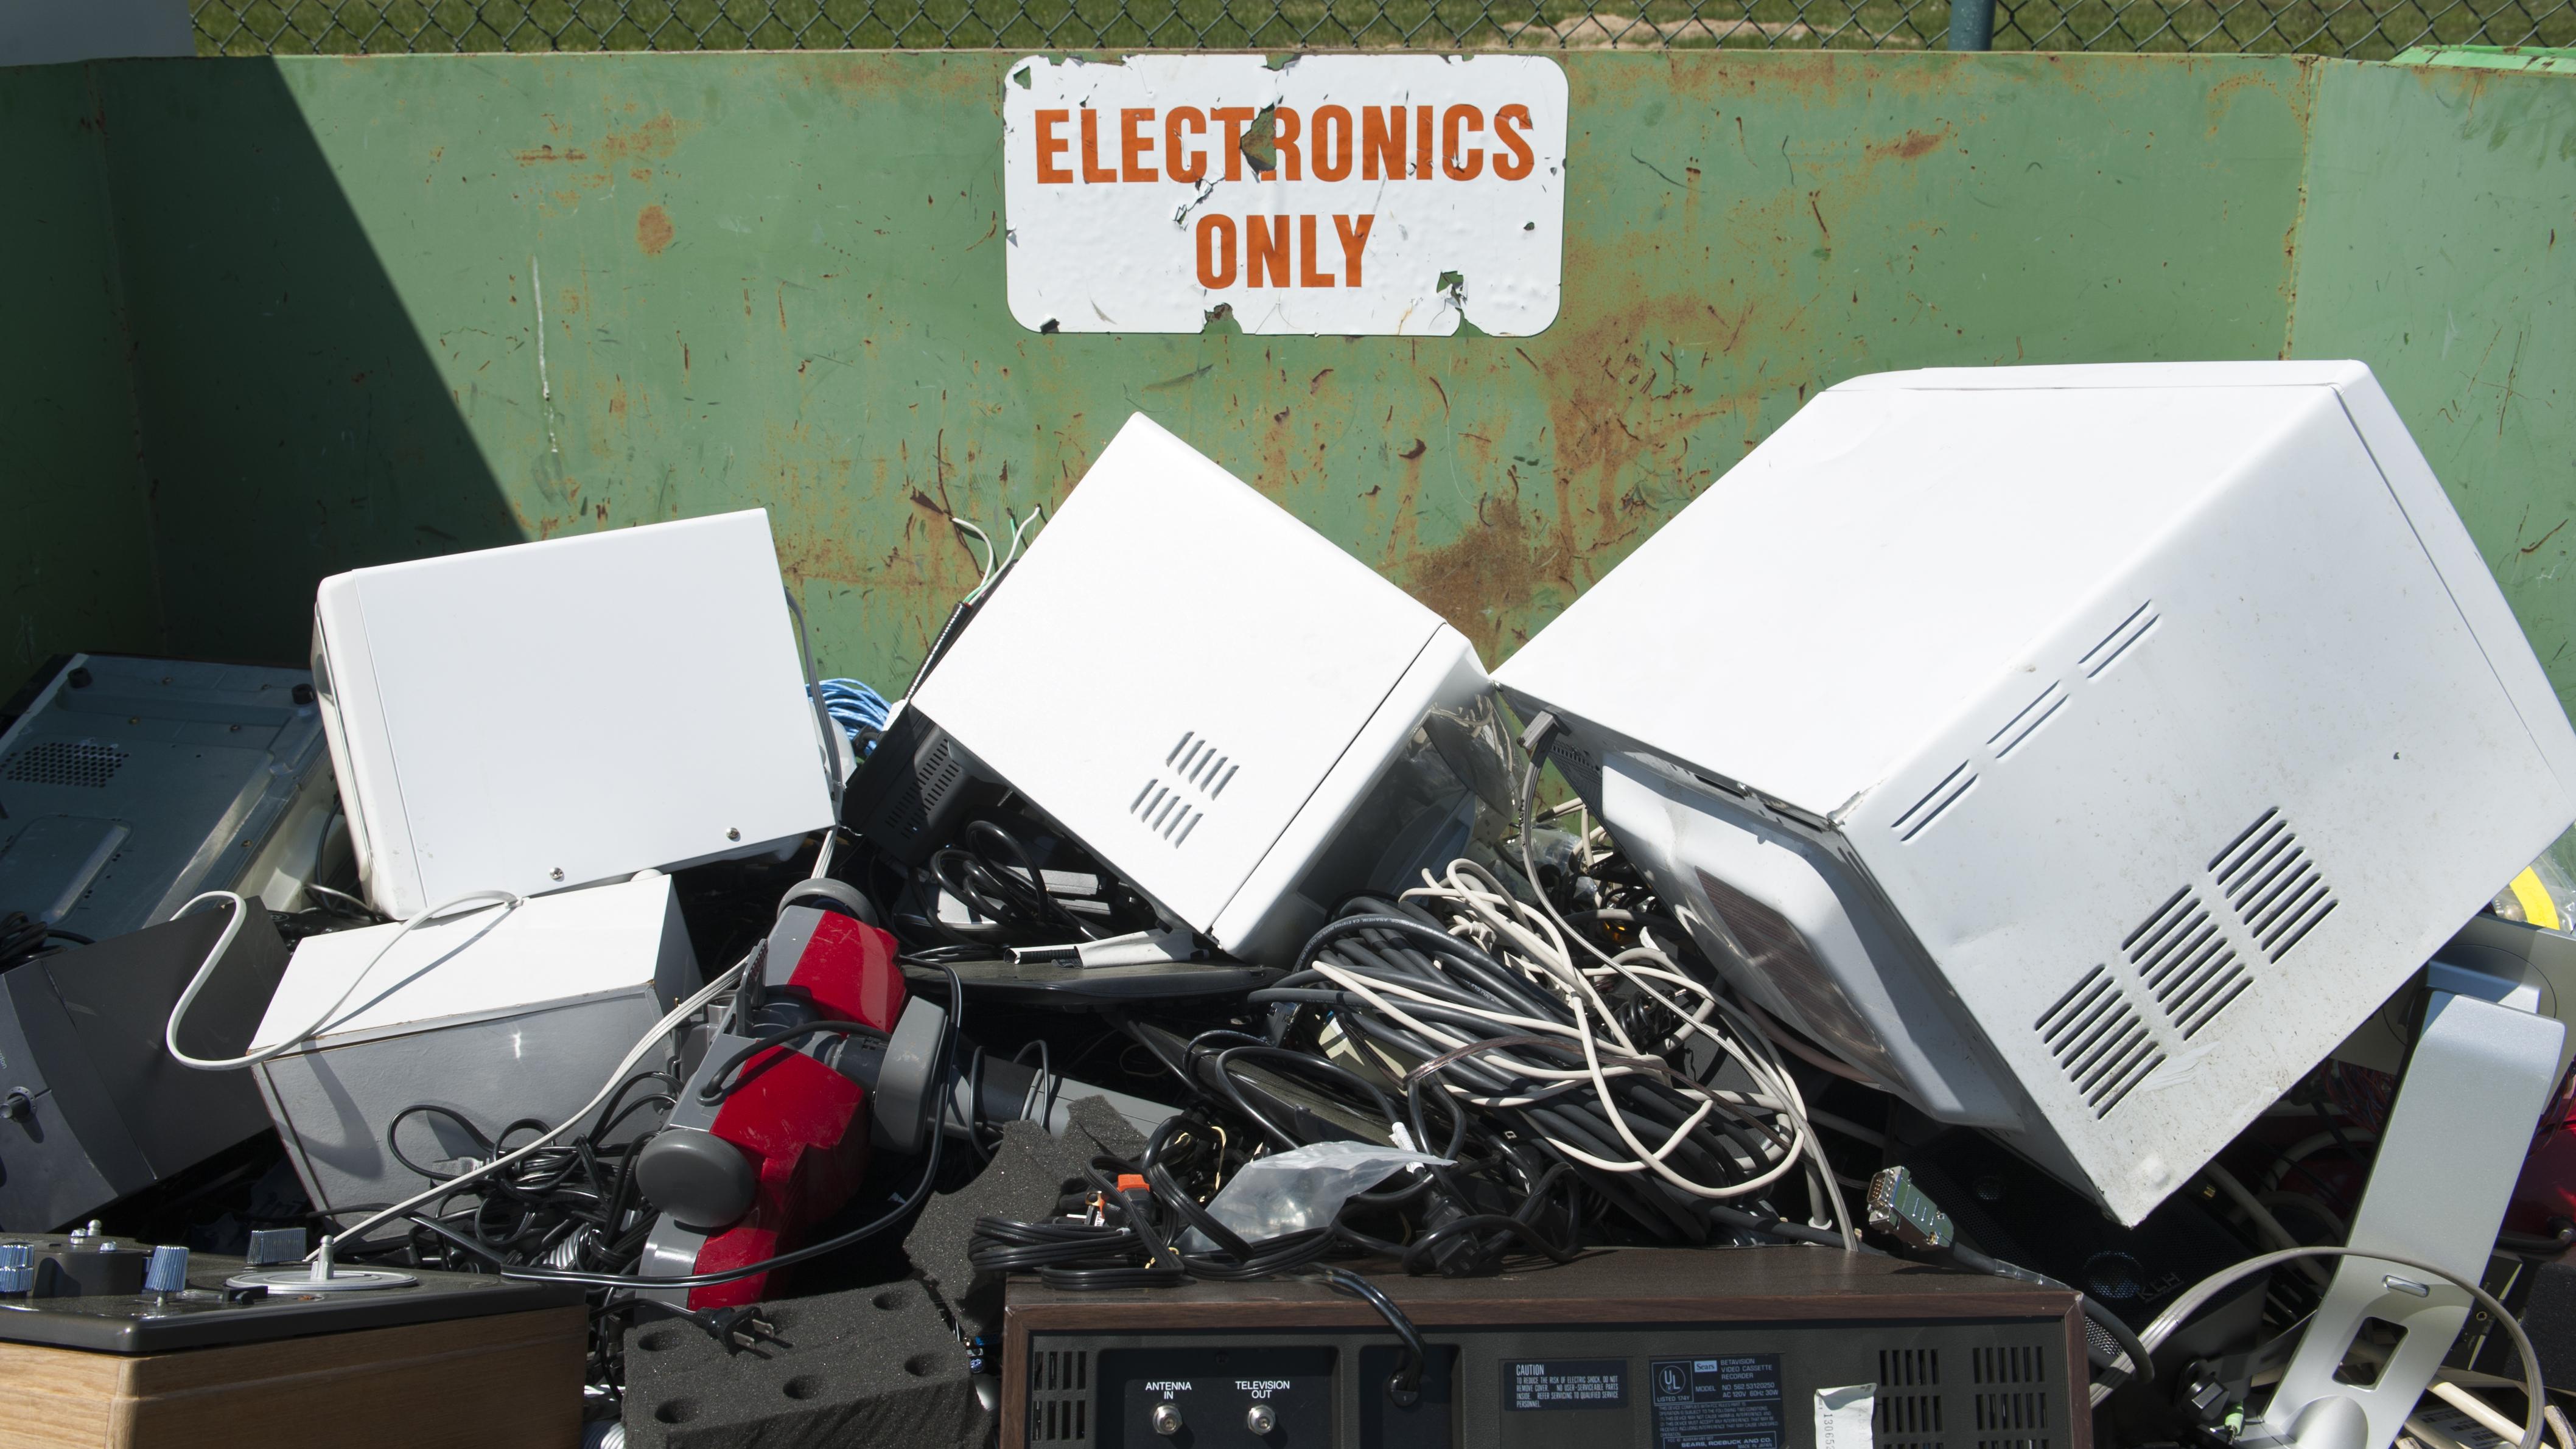 Roadkill Computing met basismateriaal uit de vuilcontainer